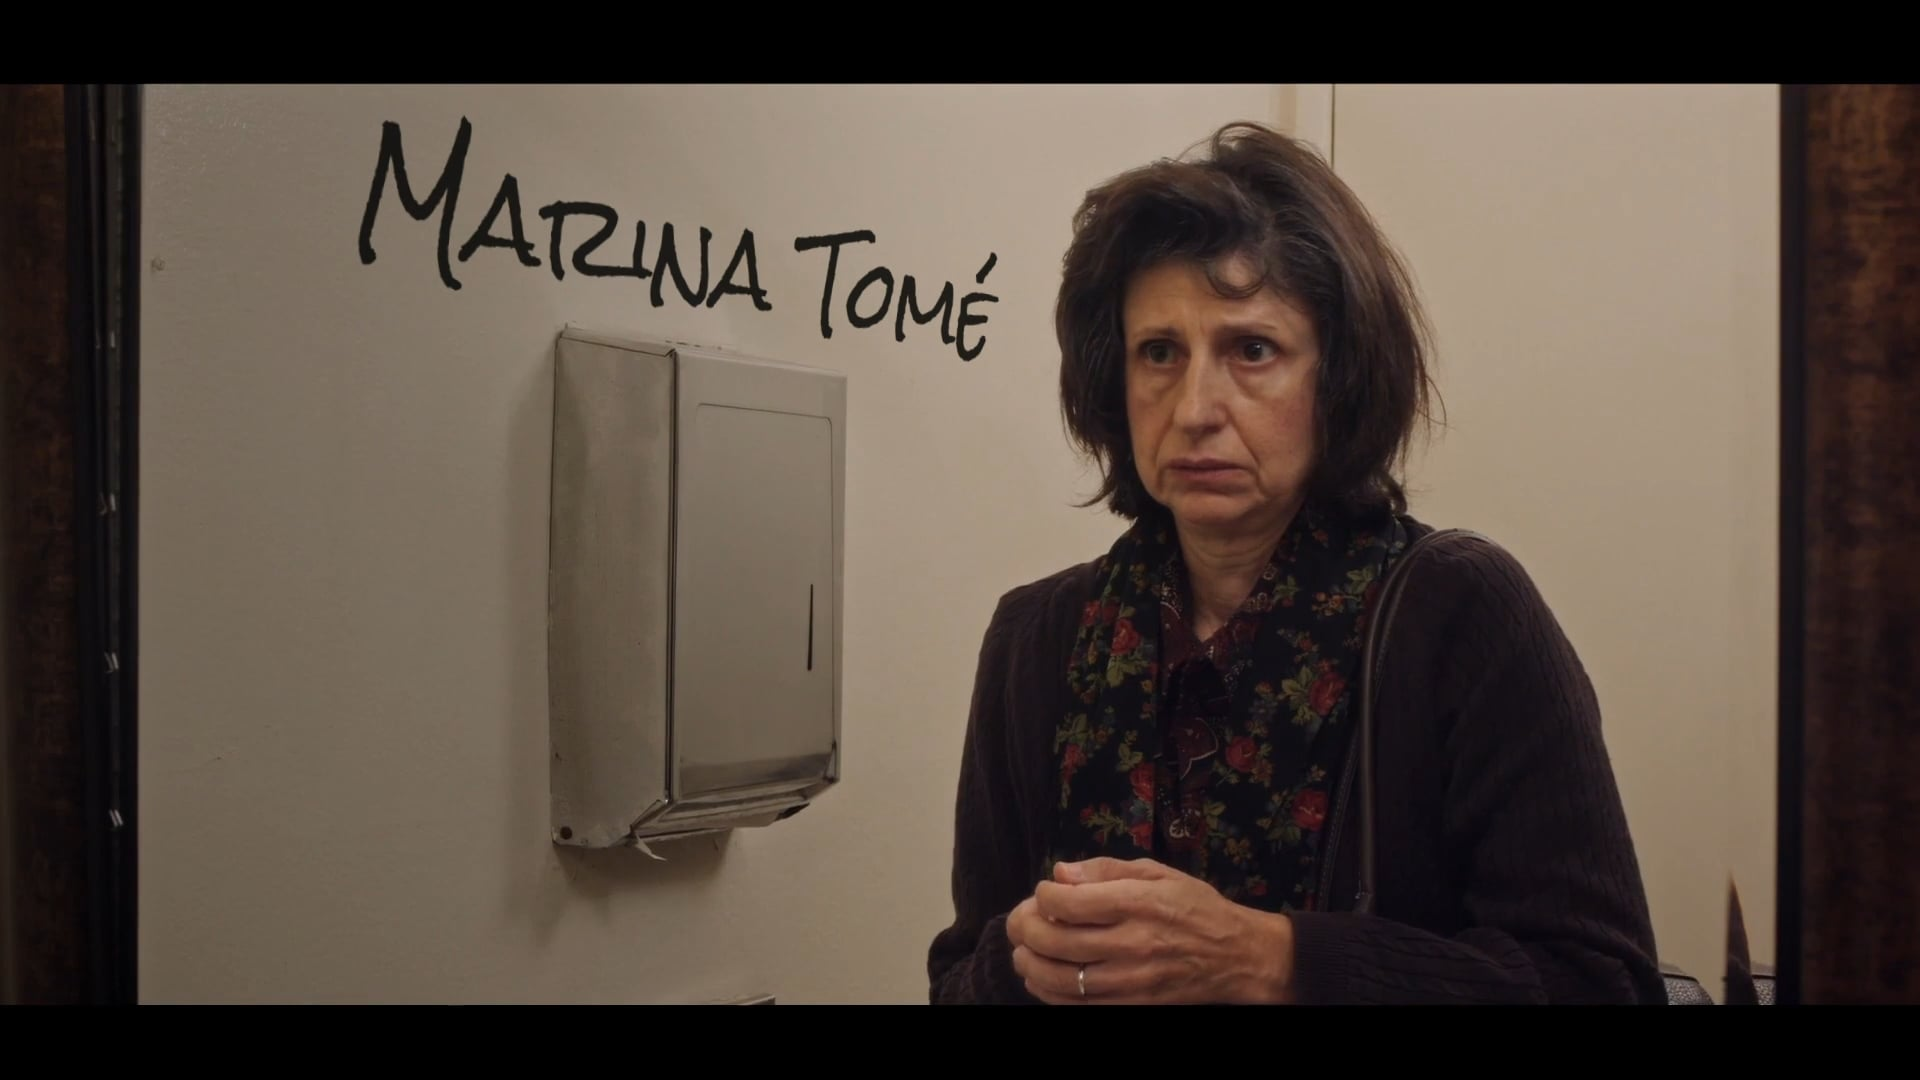 Marina Tomé // Bande démo actrice 2020